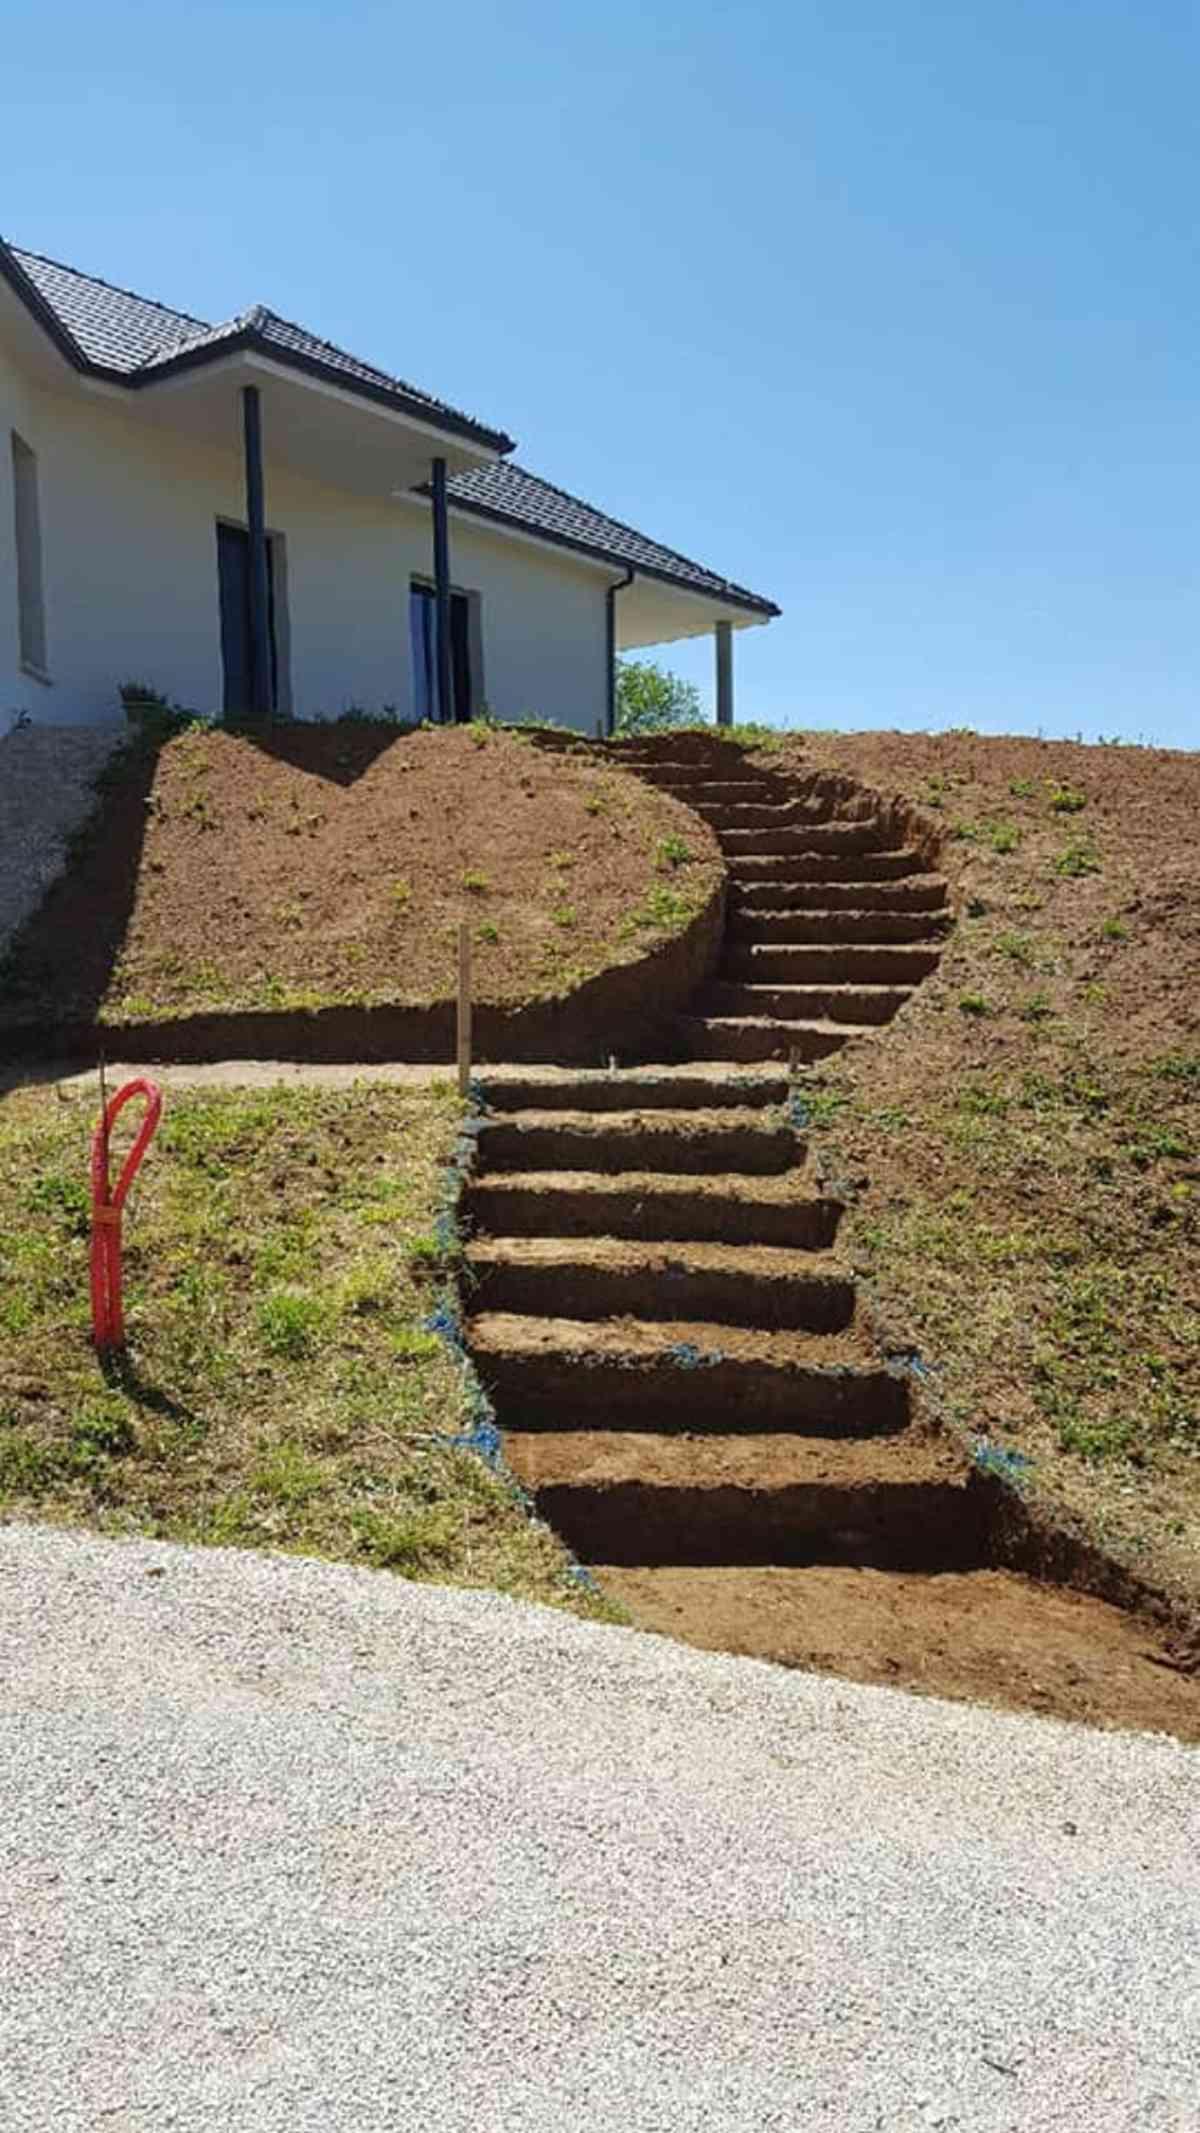 Santa Fe Paysage 01| Photos de nos réalisations près de Brive-la-Gaillarde